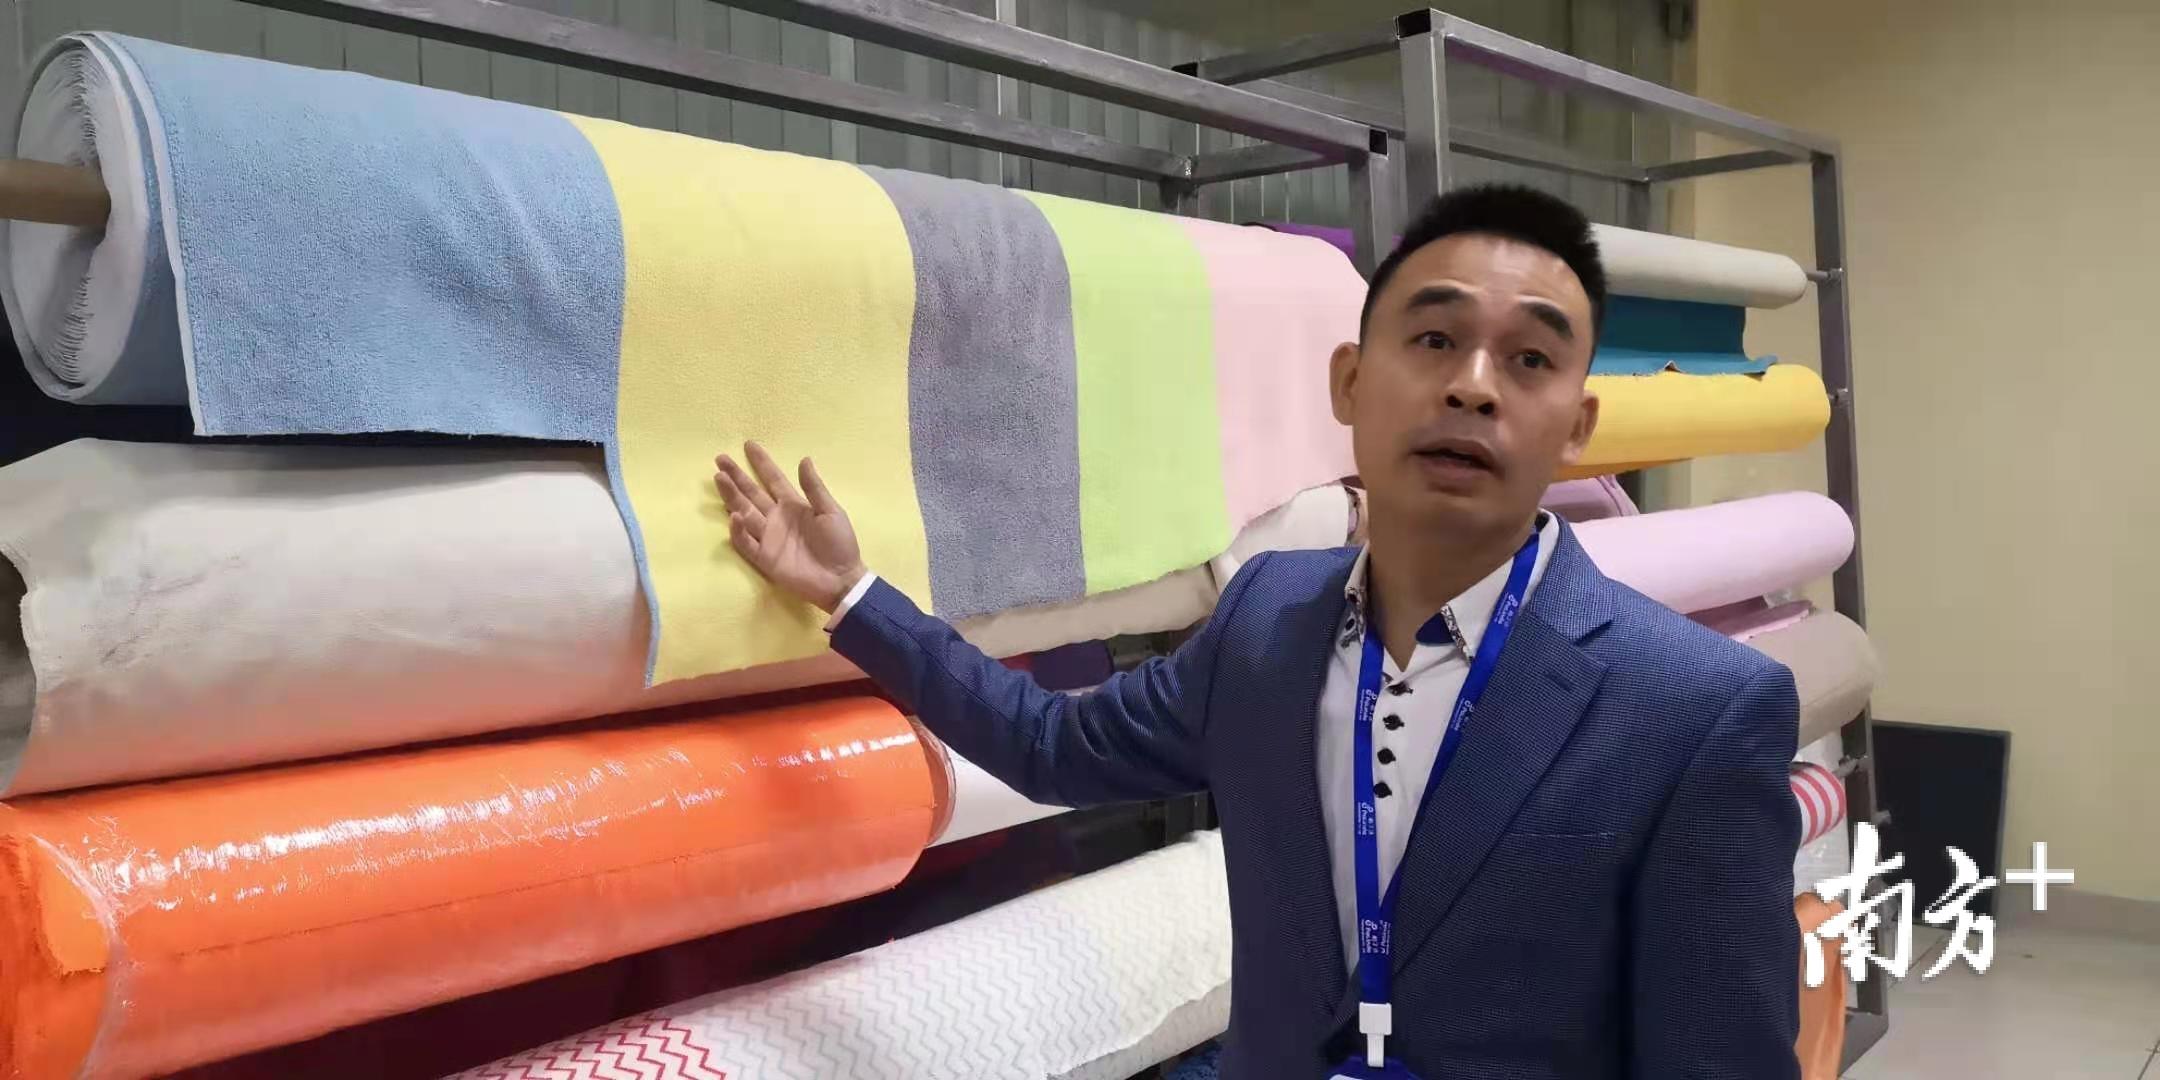 柏丁达董事长谢文向记者介绍超细纤维产品。卢浩能 摄